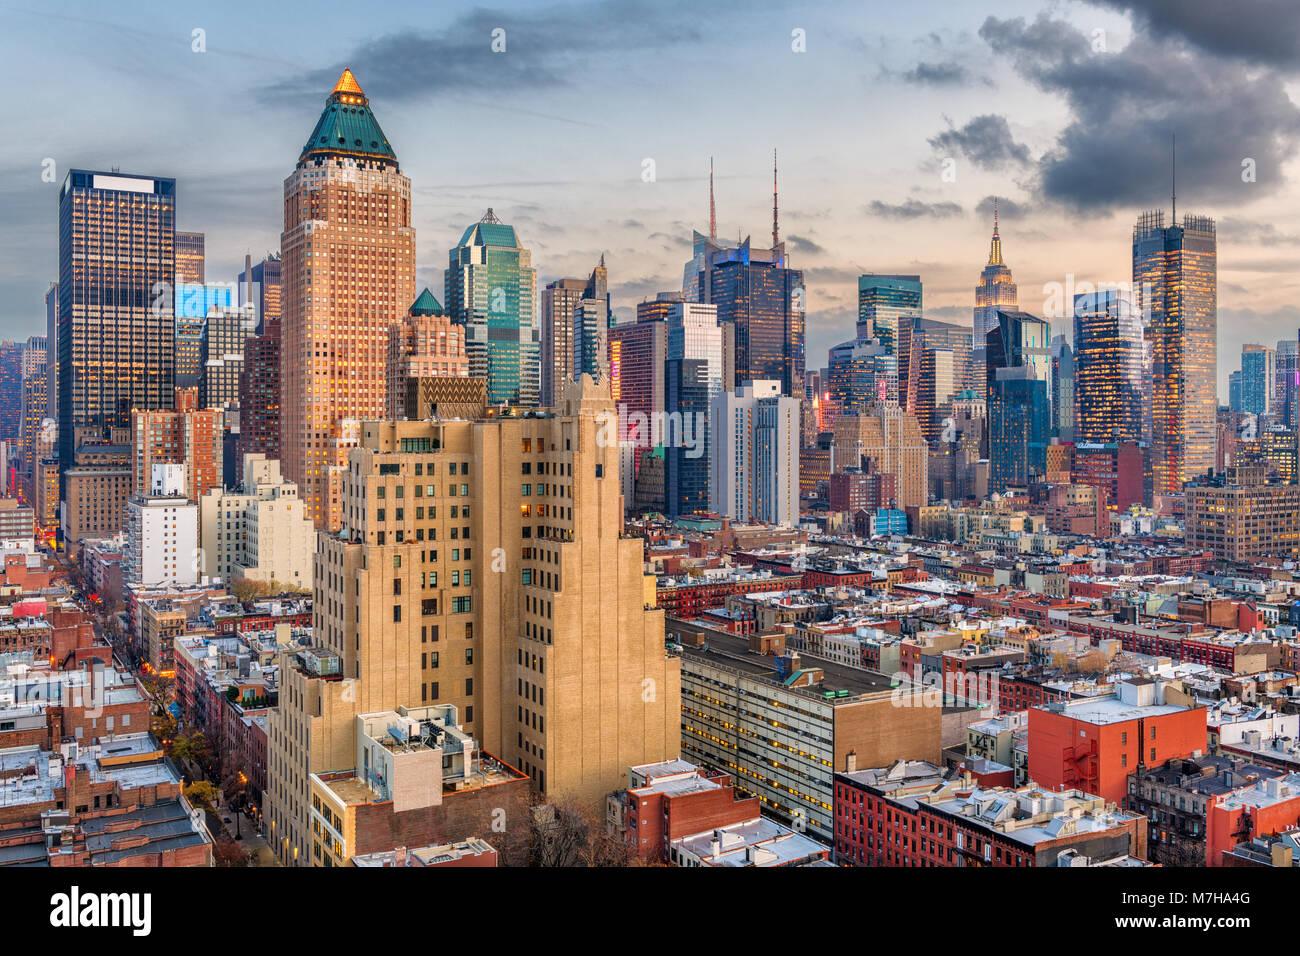 Nueva York, Nueva York, Estados Unidos midtown Manhattan en Hell's Kitchen en el alba. Imagen De Stock